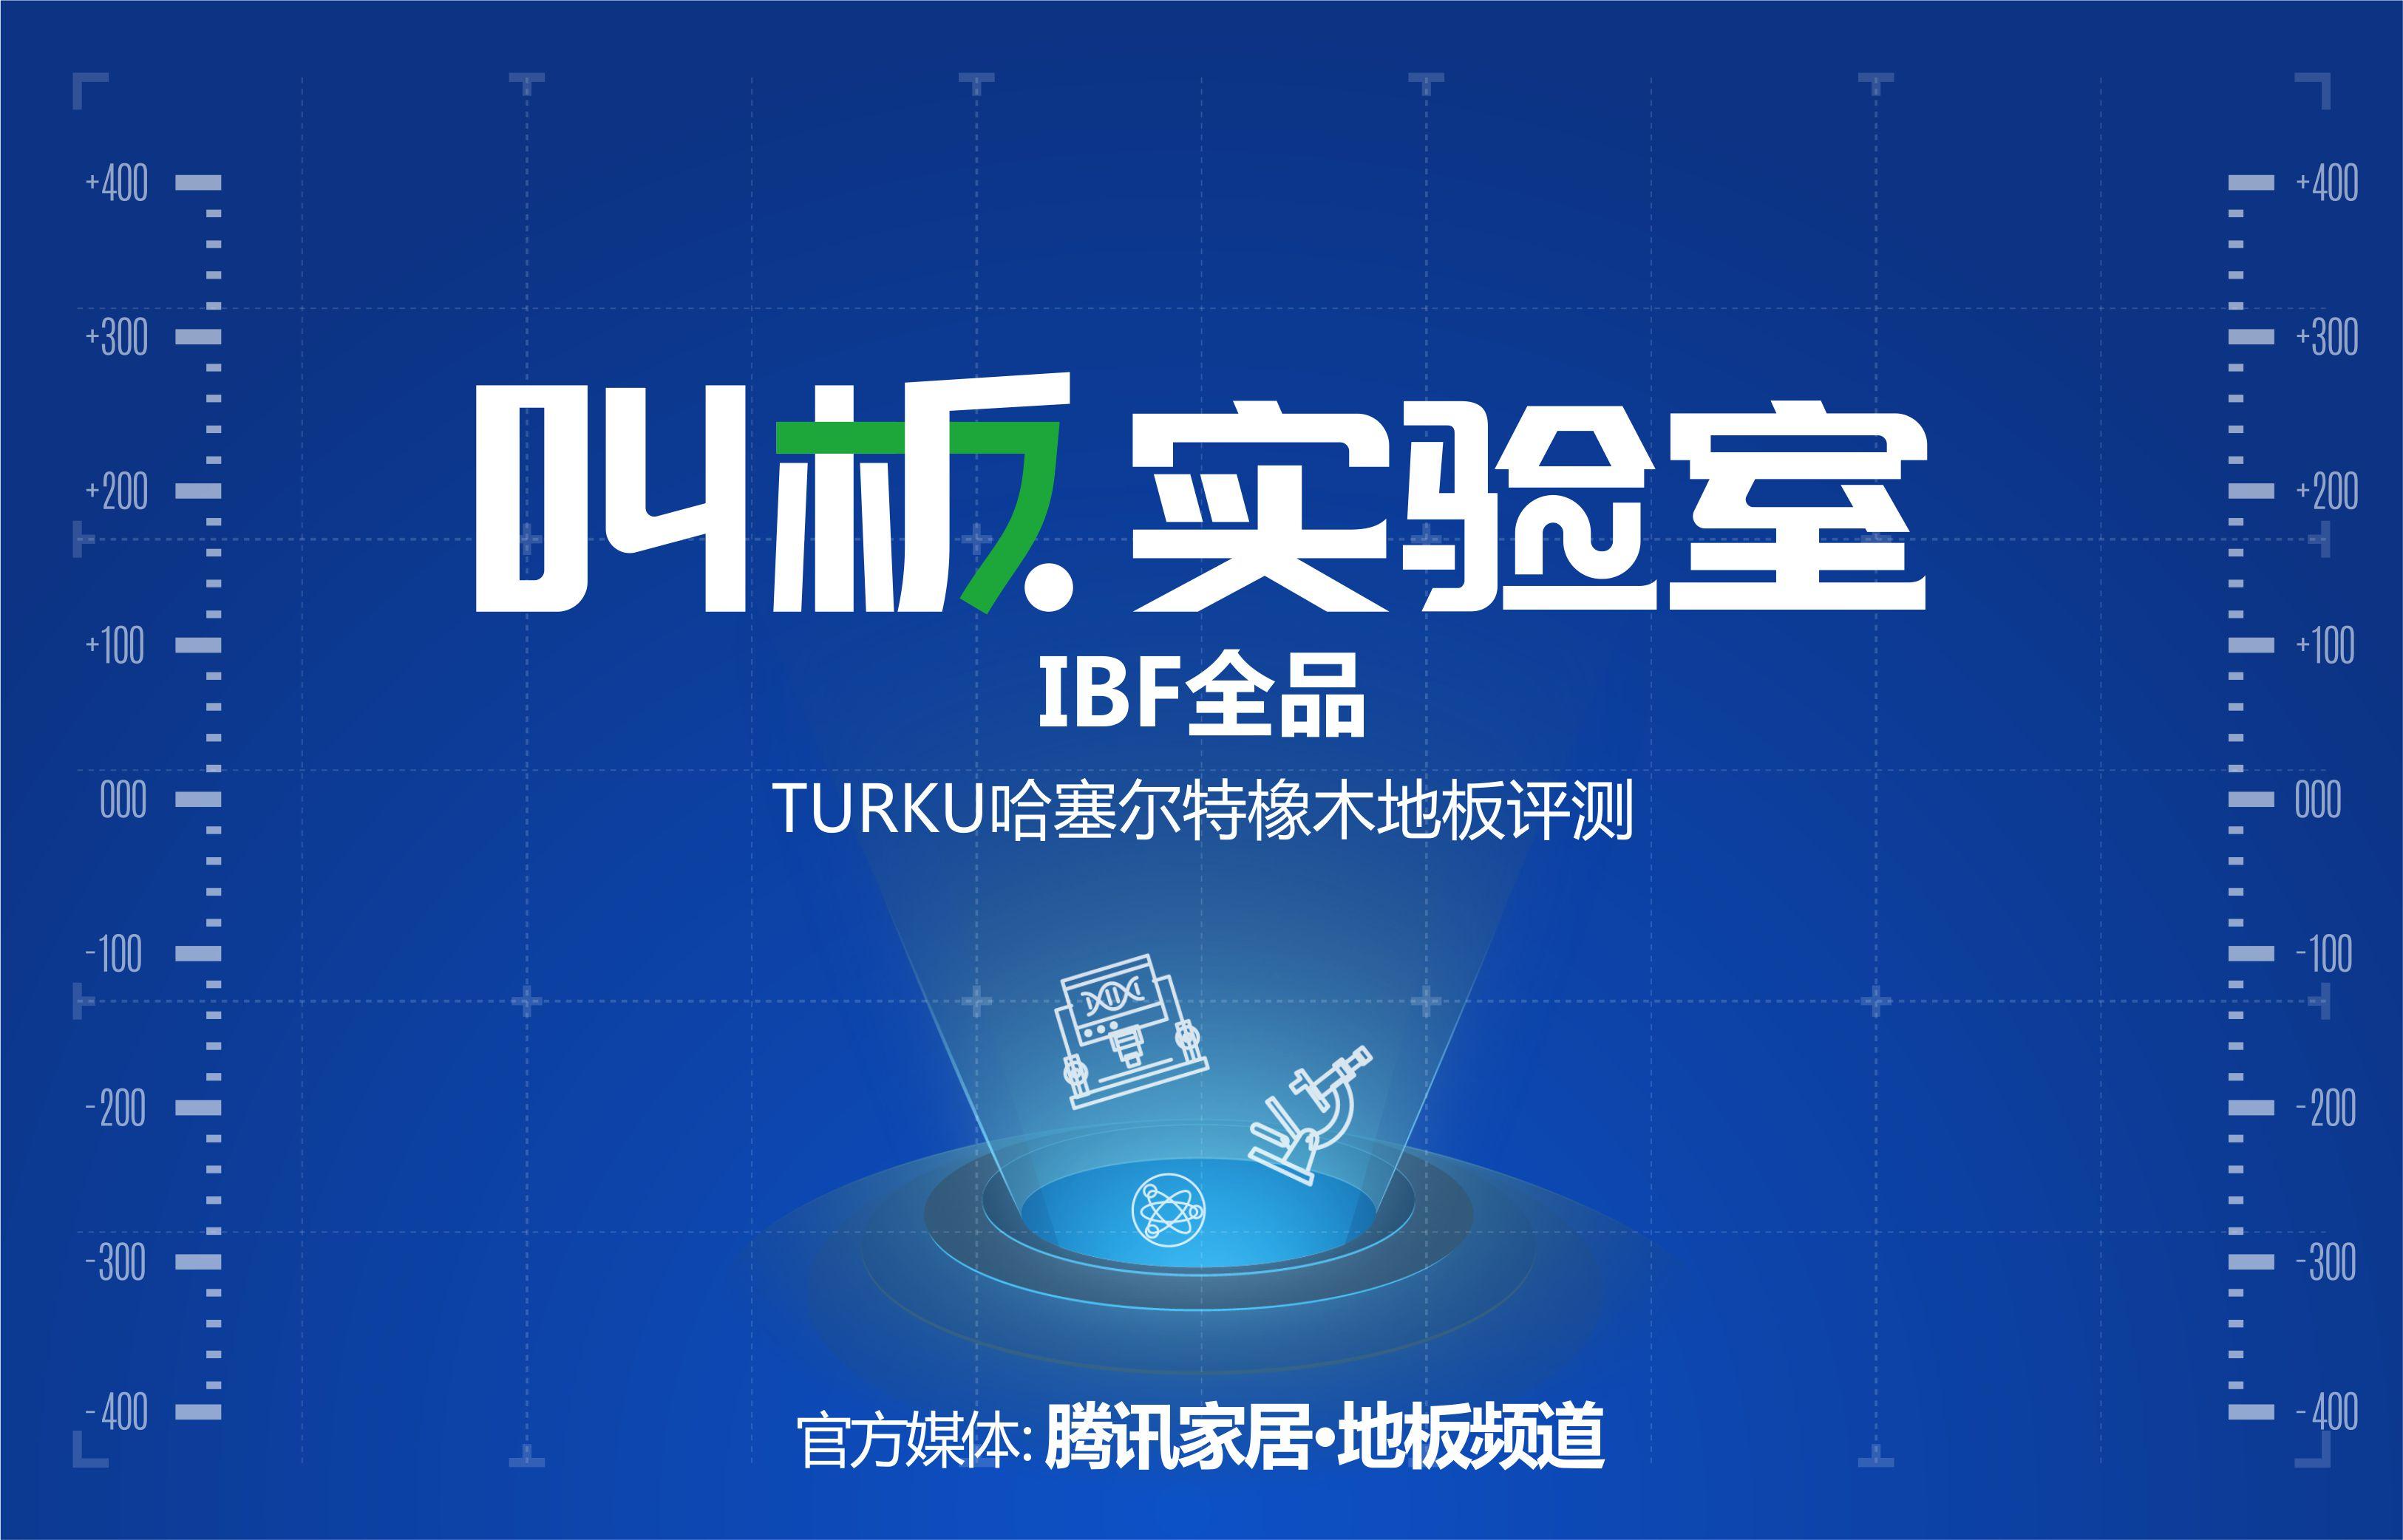 叫板實驗室|IBF全品TURKU哈塞爾特橡木地板評測